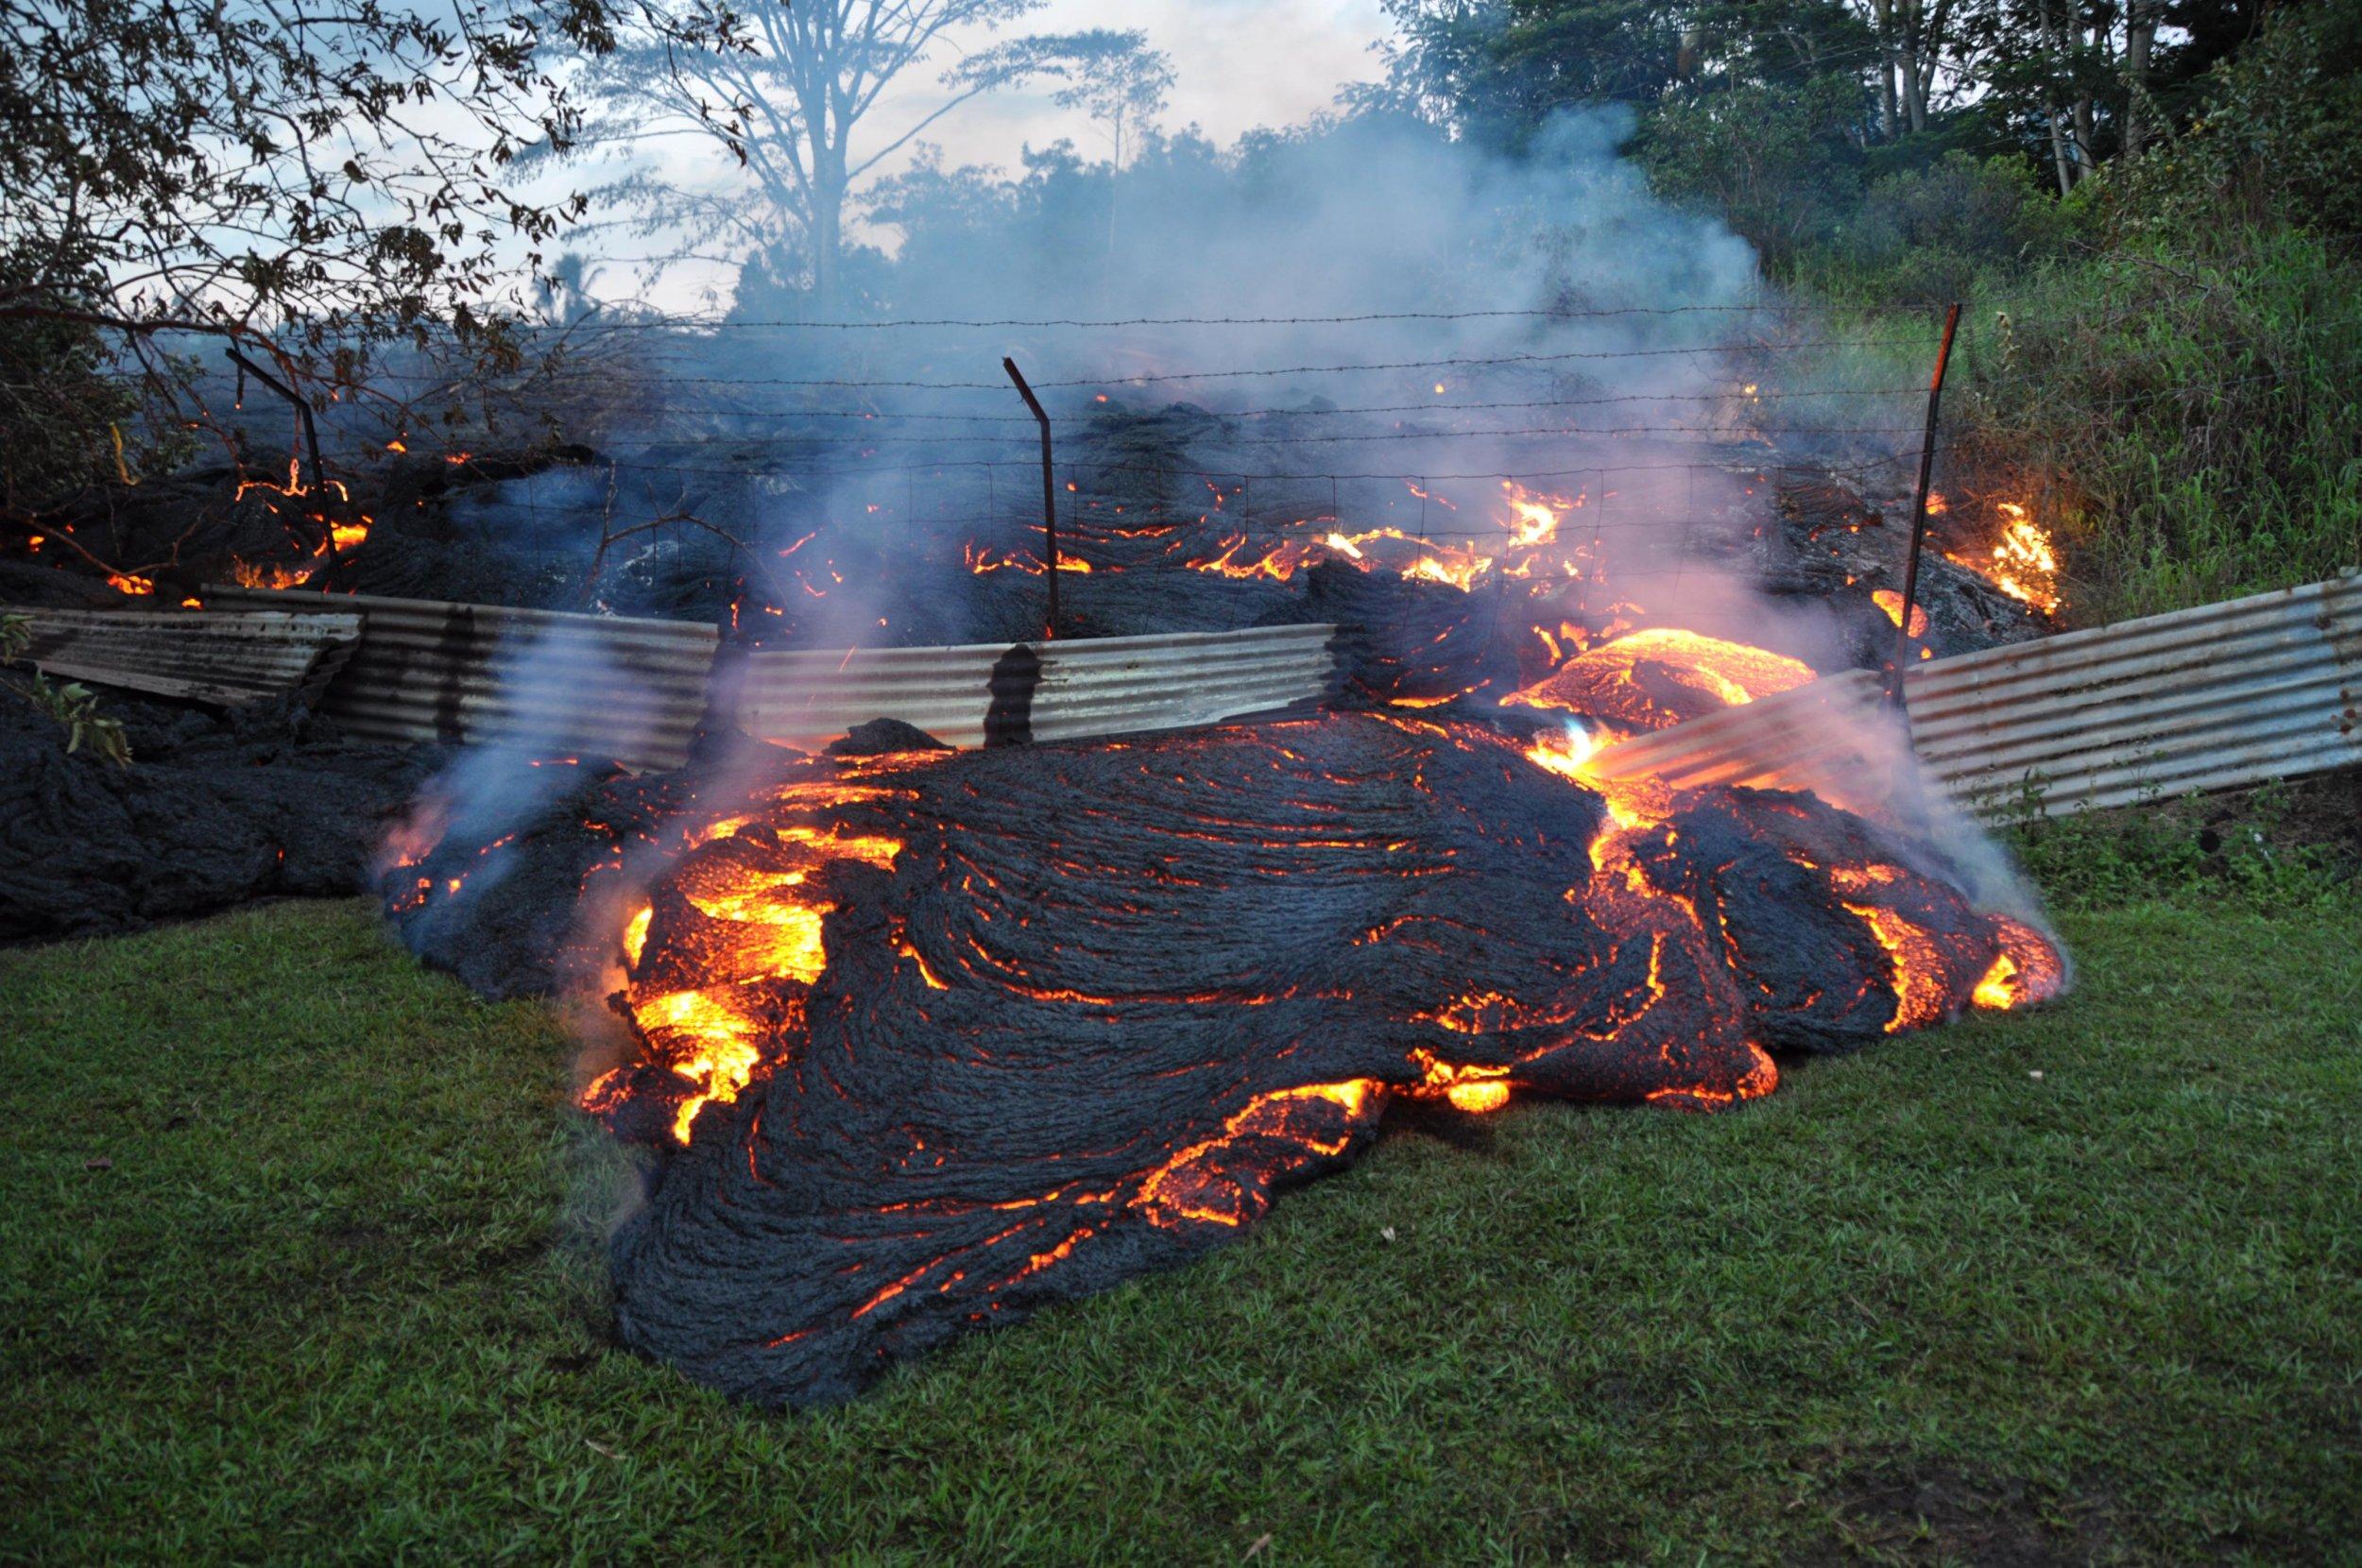 Hawaiian Volcano Kilauea Could Soon Erupt, Geologists Warn ...